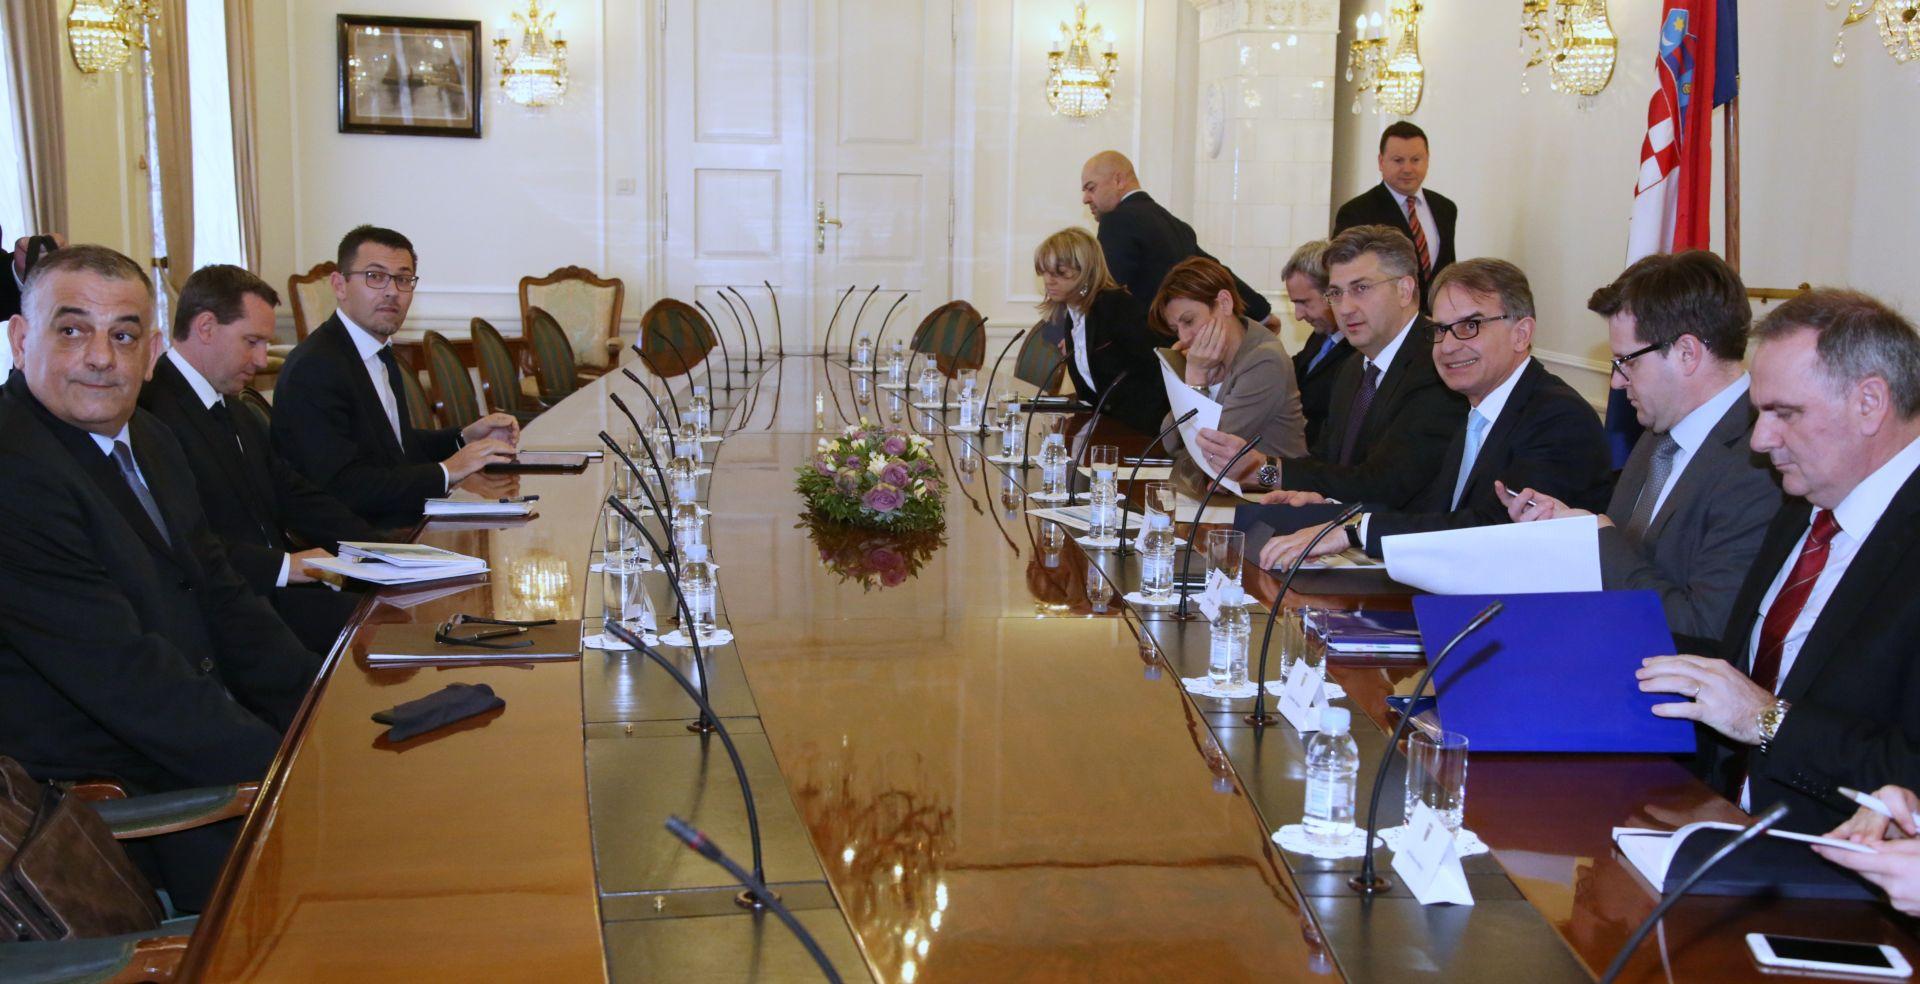 Sastanak premijera s hotelijerima: Vlada snažno podupire razvoj turizma